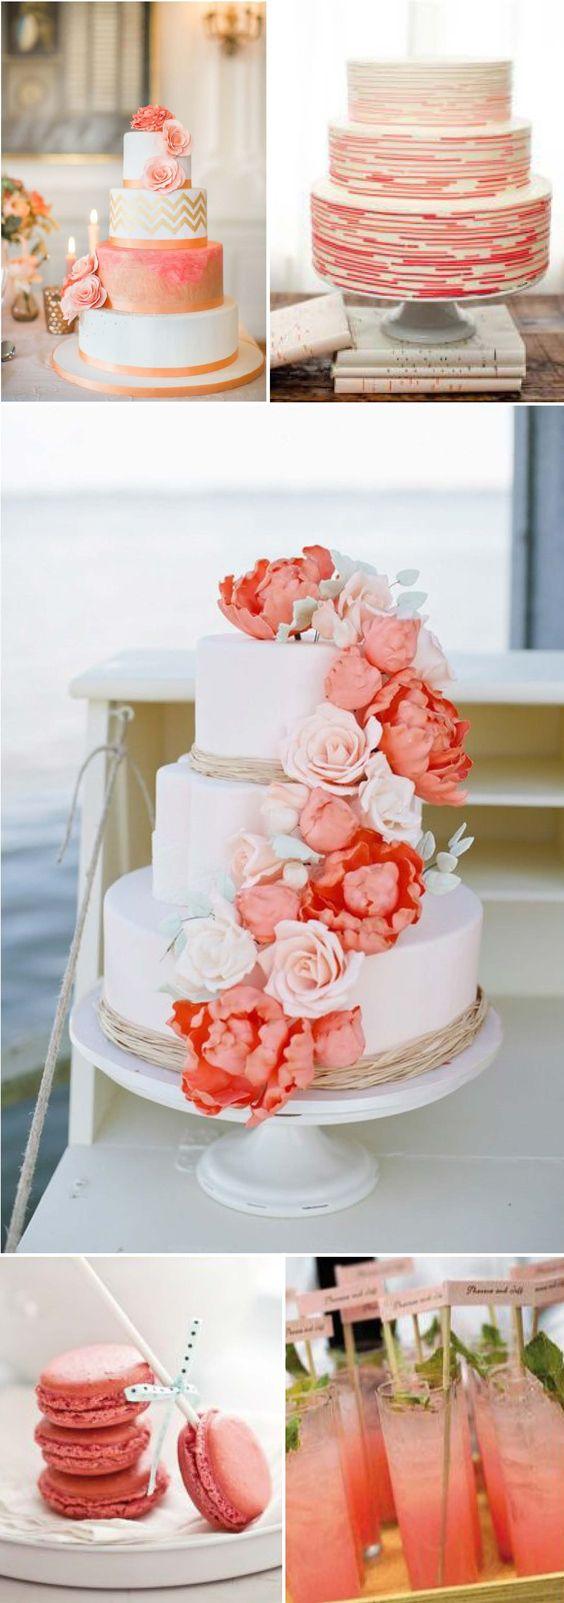 liebelein-will, Hochzeitsblog - Koralle, Farben, Hochzeit, Torten